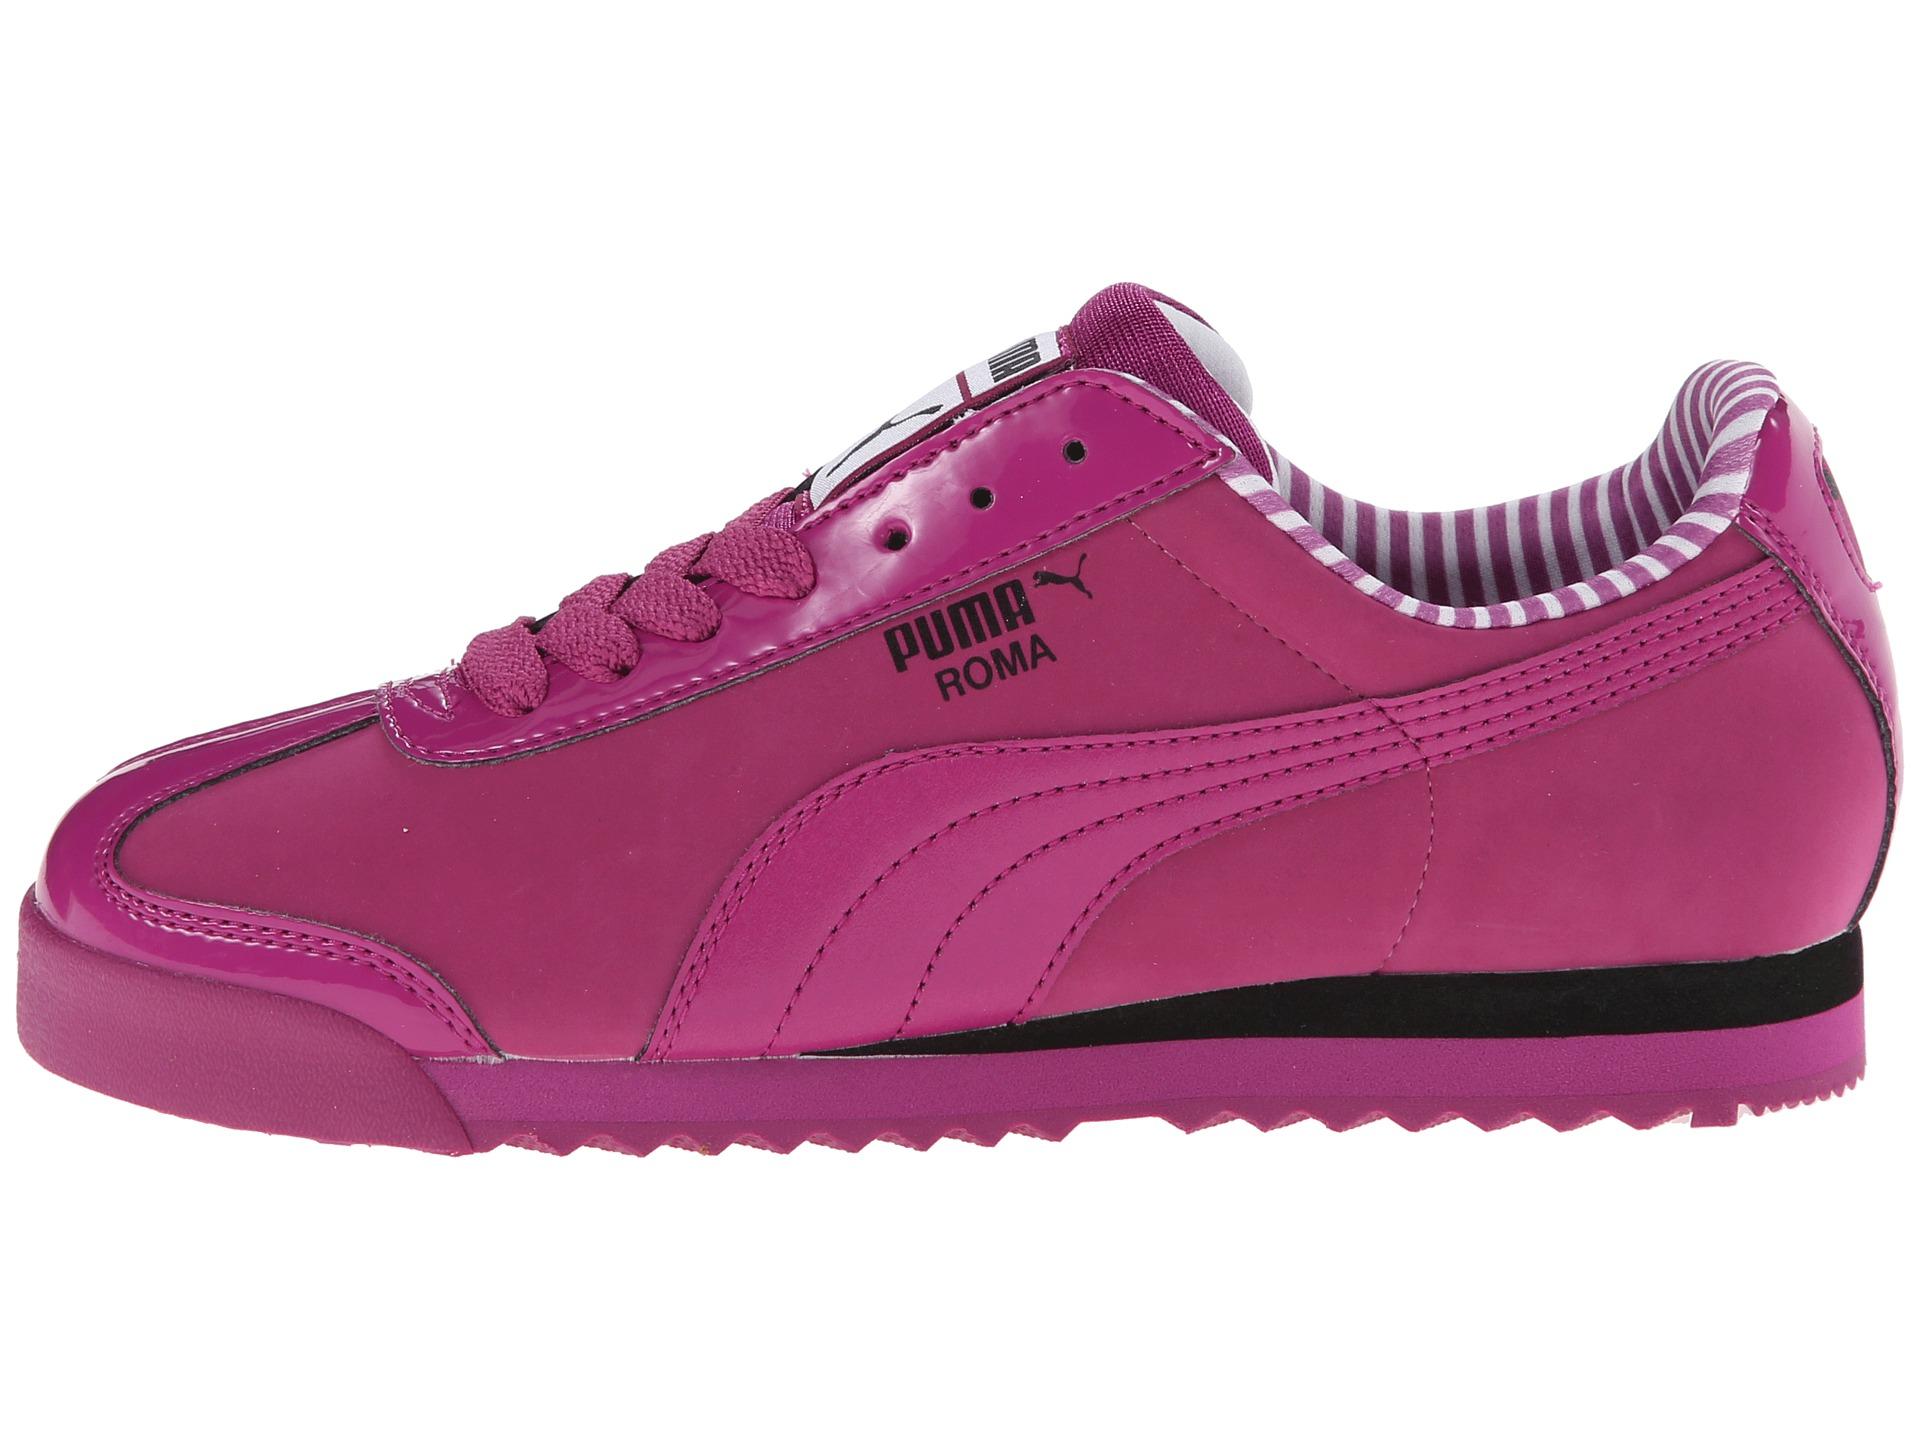 a9eaae0da Lyst - PUMA Roma Nbk Patent in Pink